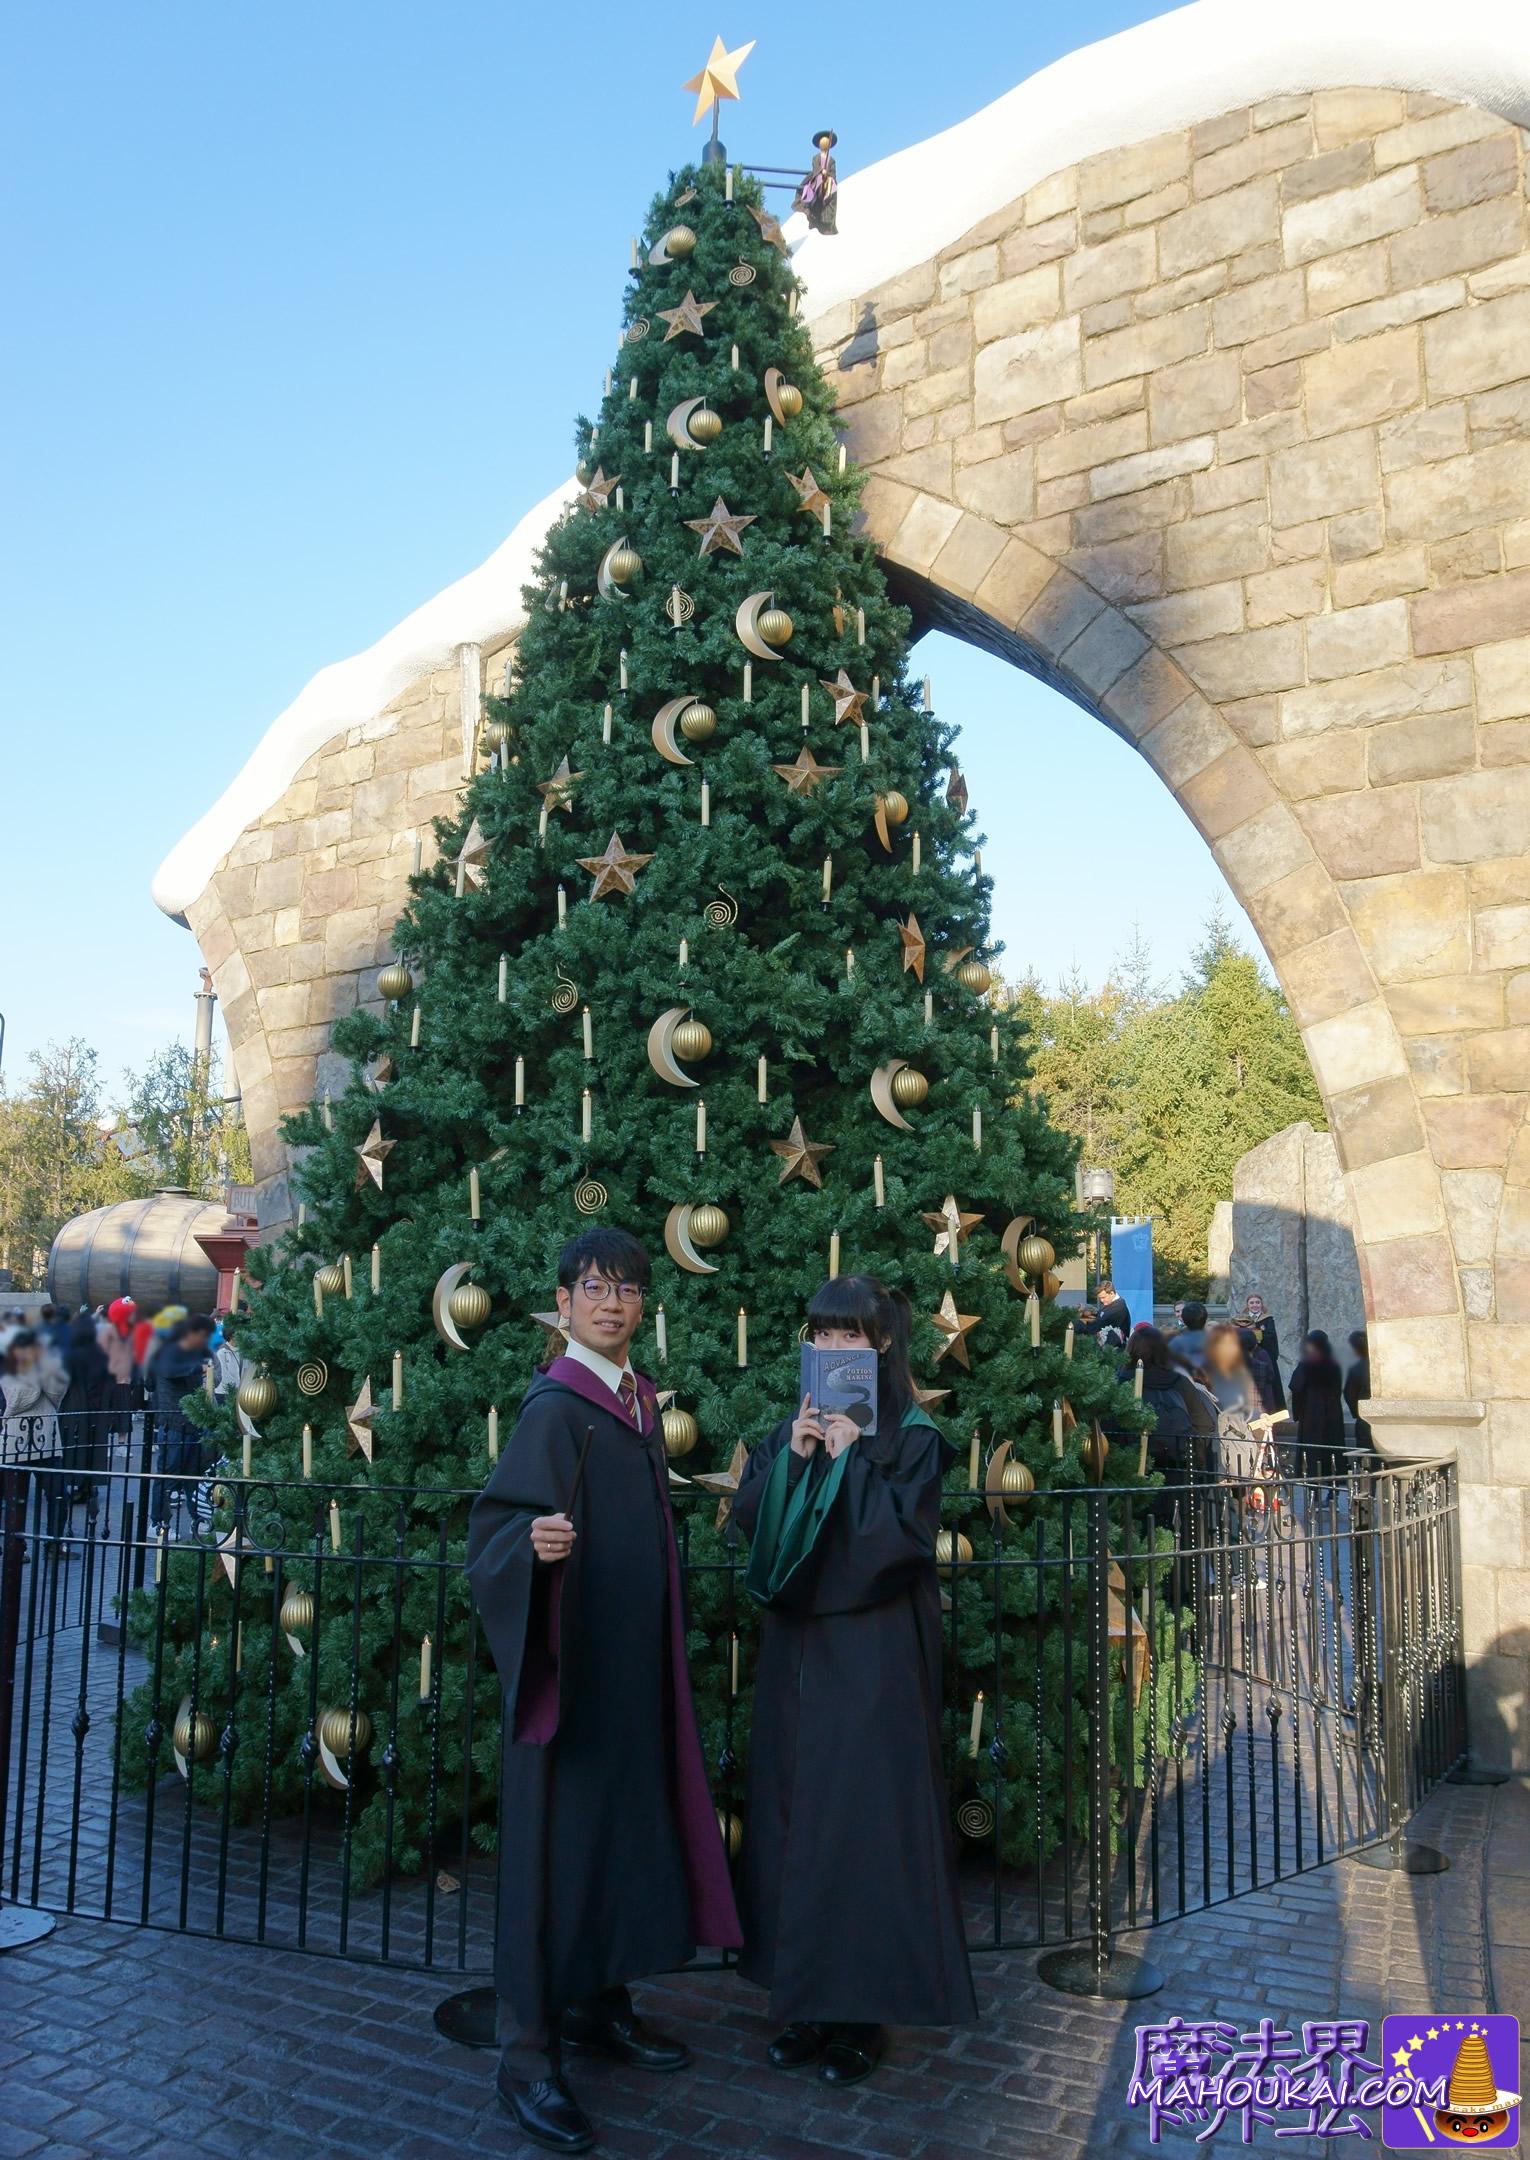 魔法界のクリスマスツリー(USJハリーポッターエリア)